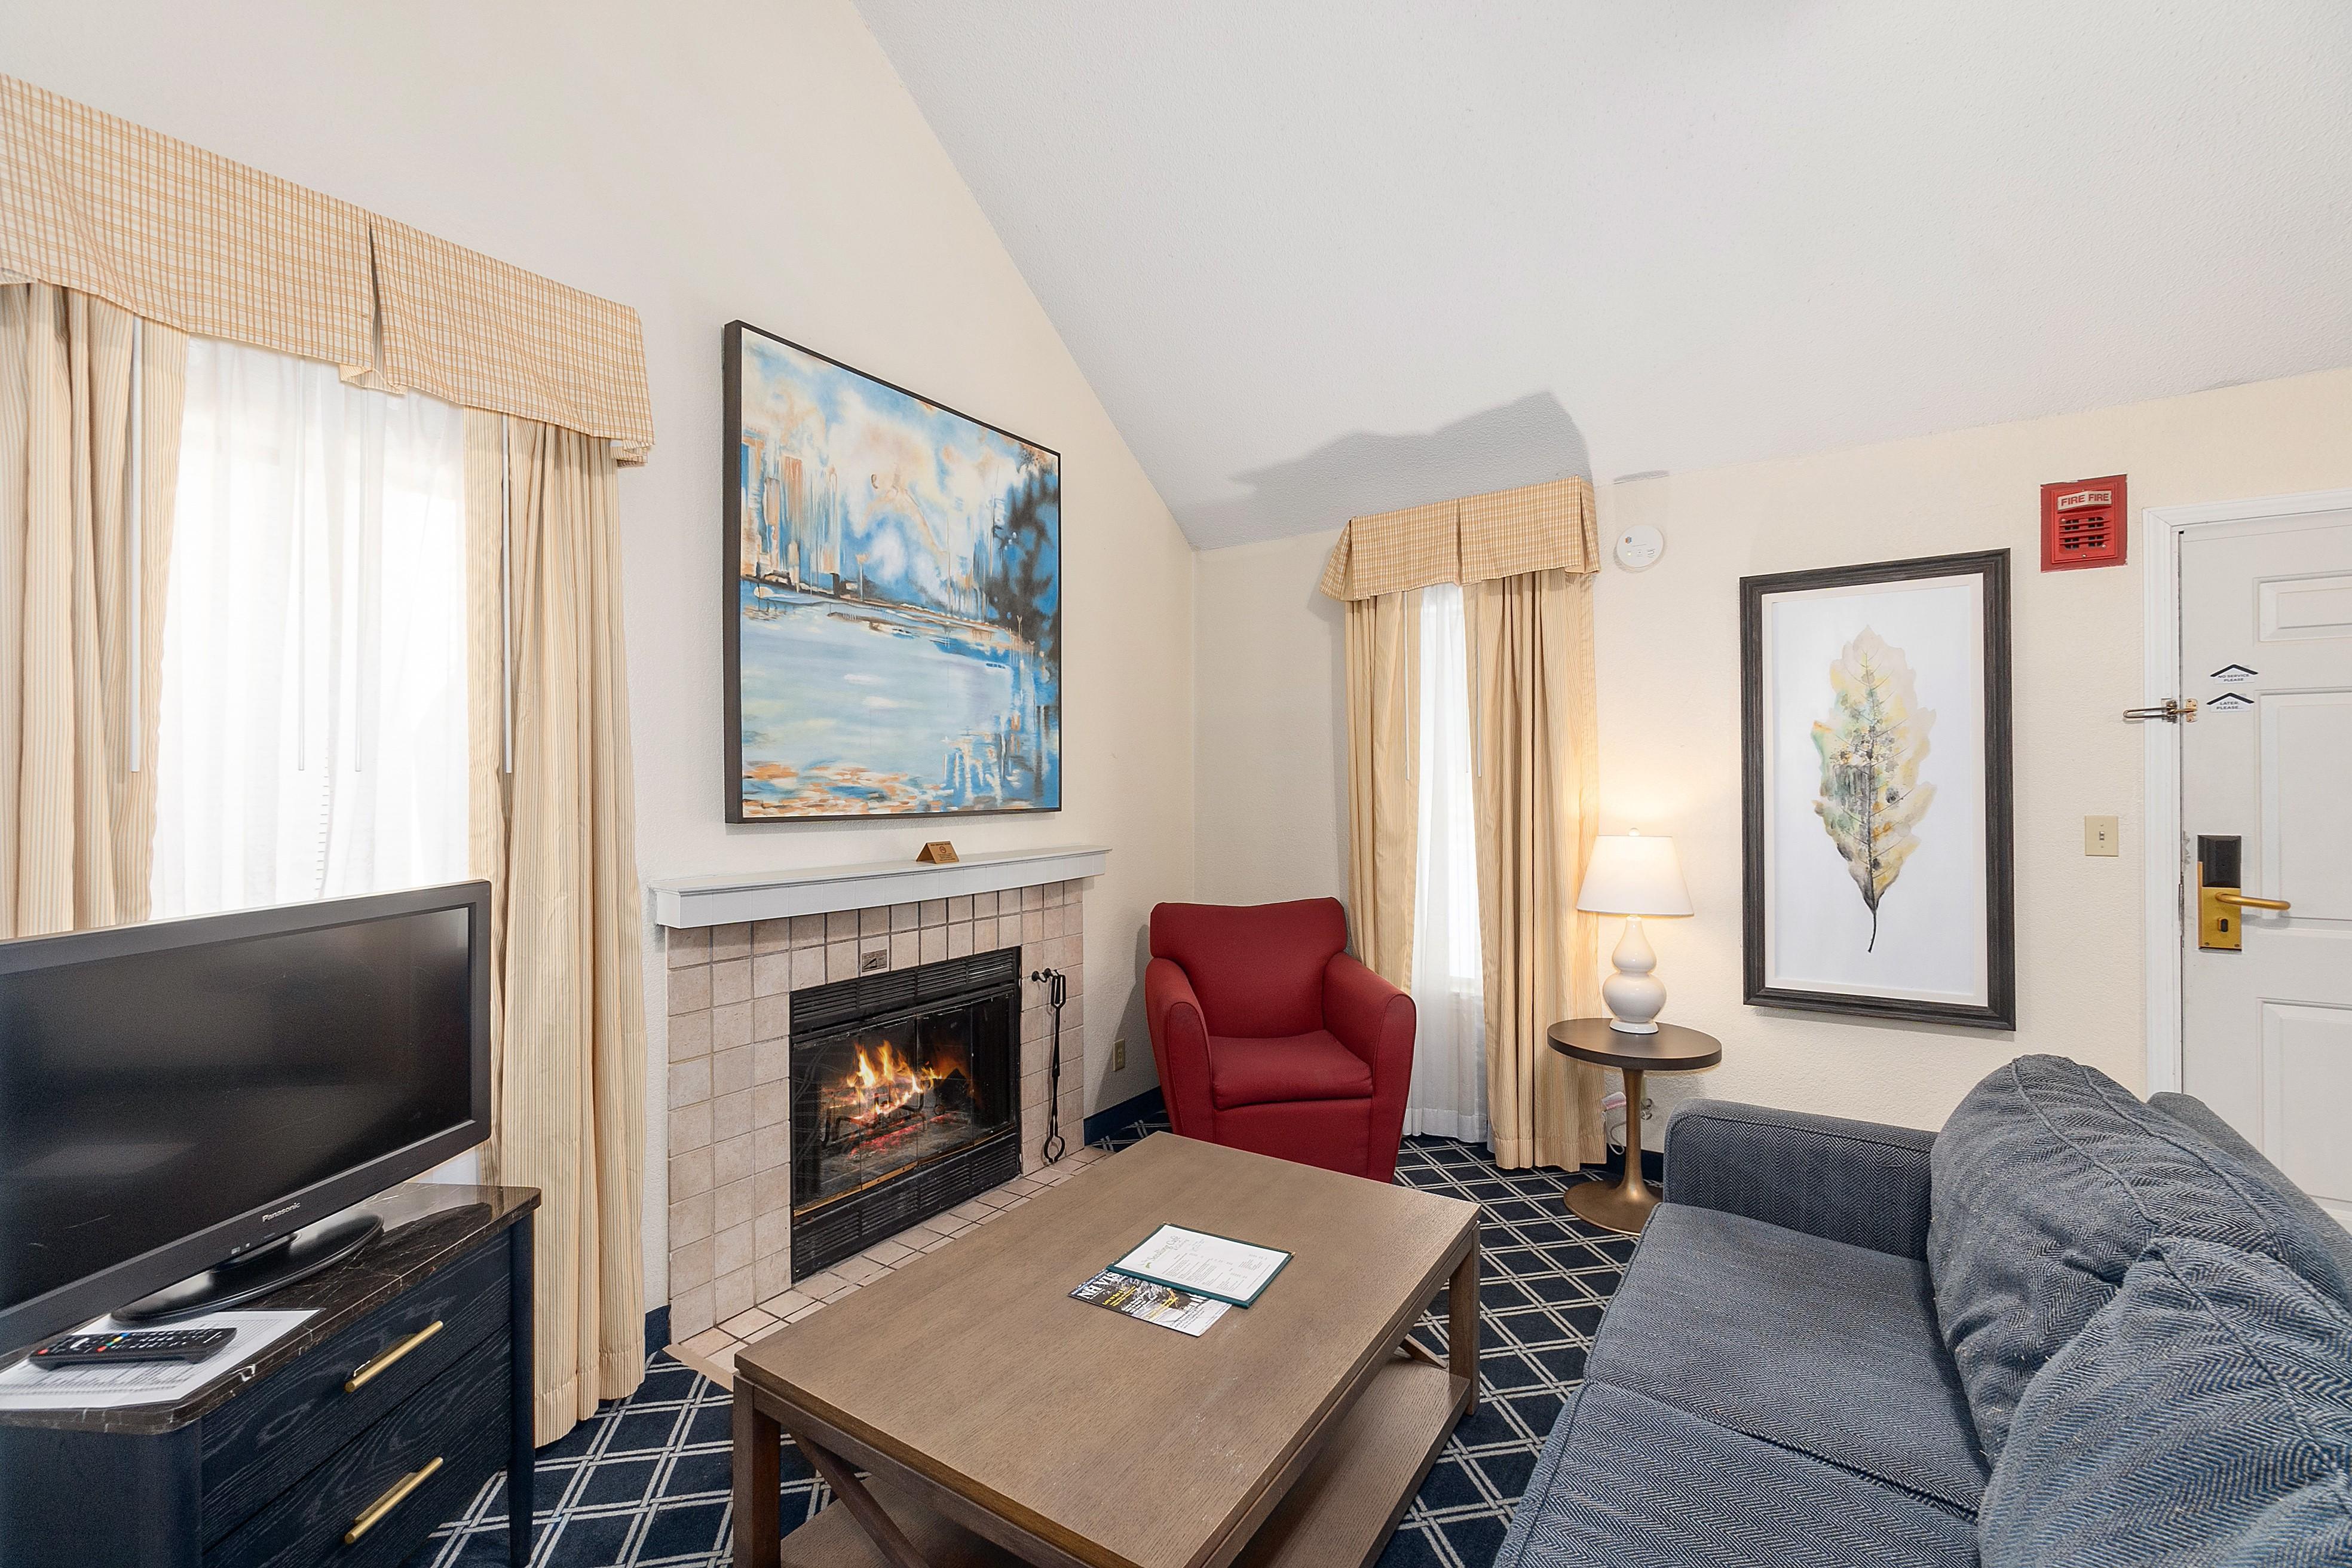 Apartments Near Nashua Residences at Daniel Webster for Nashua Students in Nashua, NH